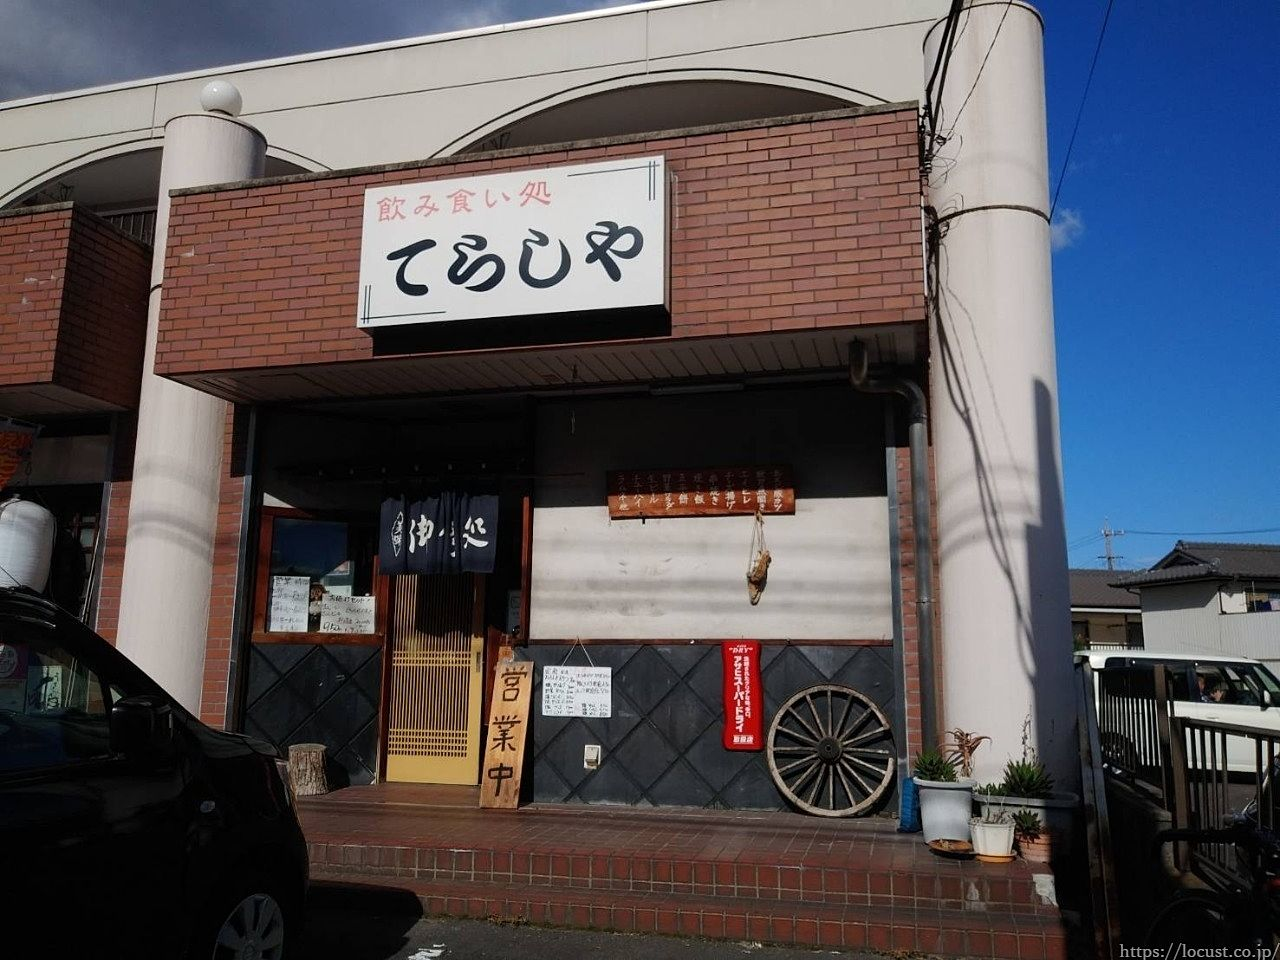 知多市にしの台 飲み食い処『てらしや』でランチを頂きました。